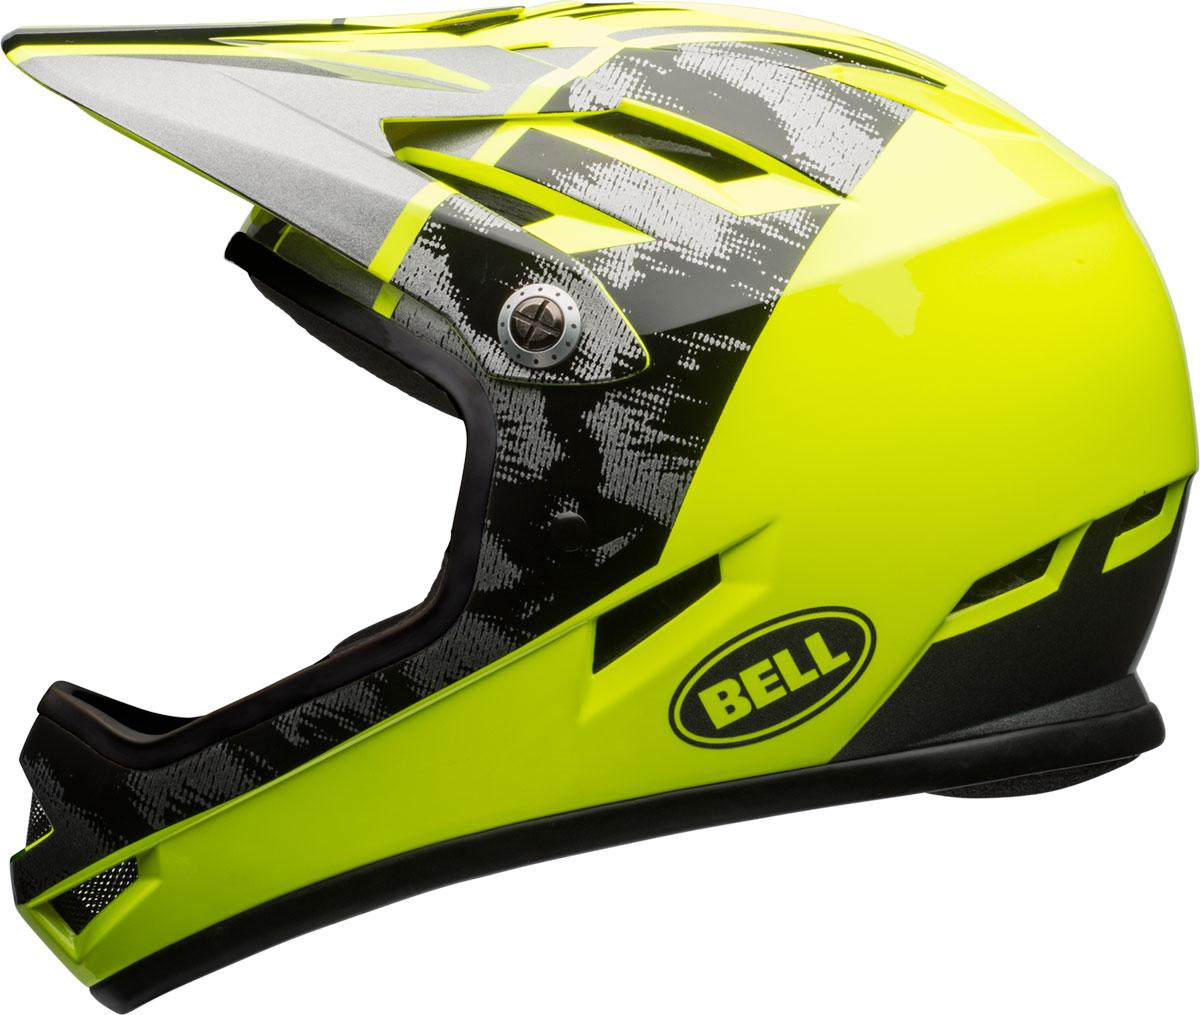 Bell Full Face Helmet >> Bell Sanction Gregg S Cycles